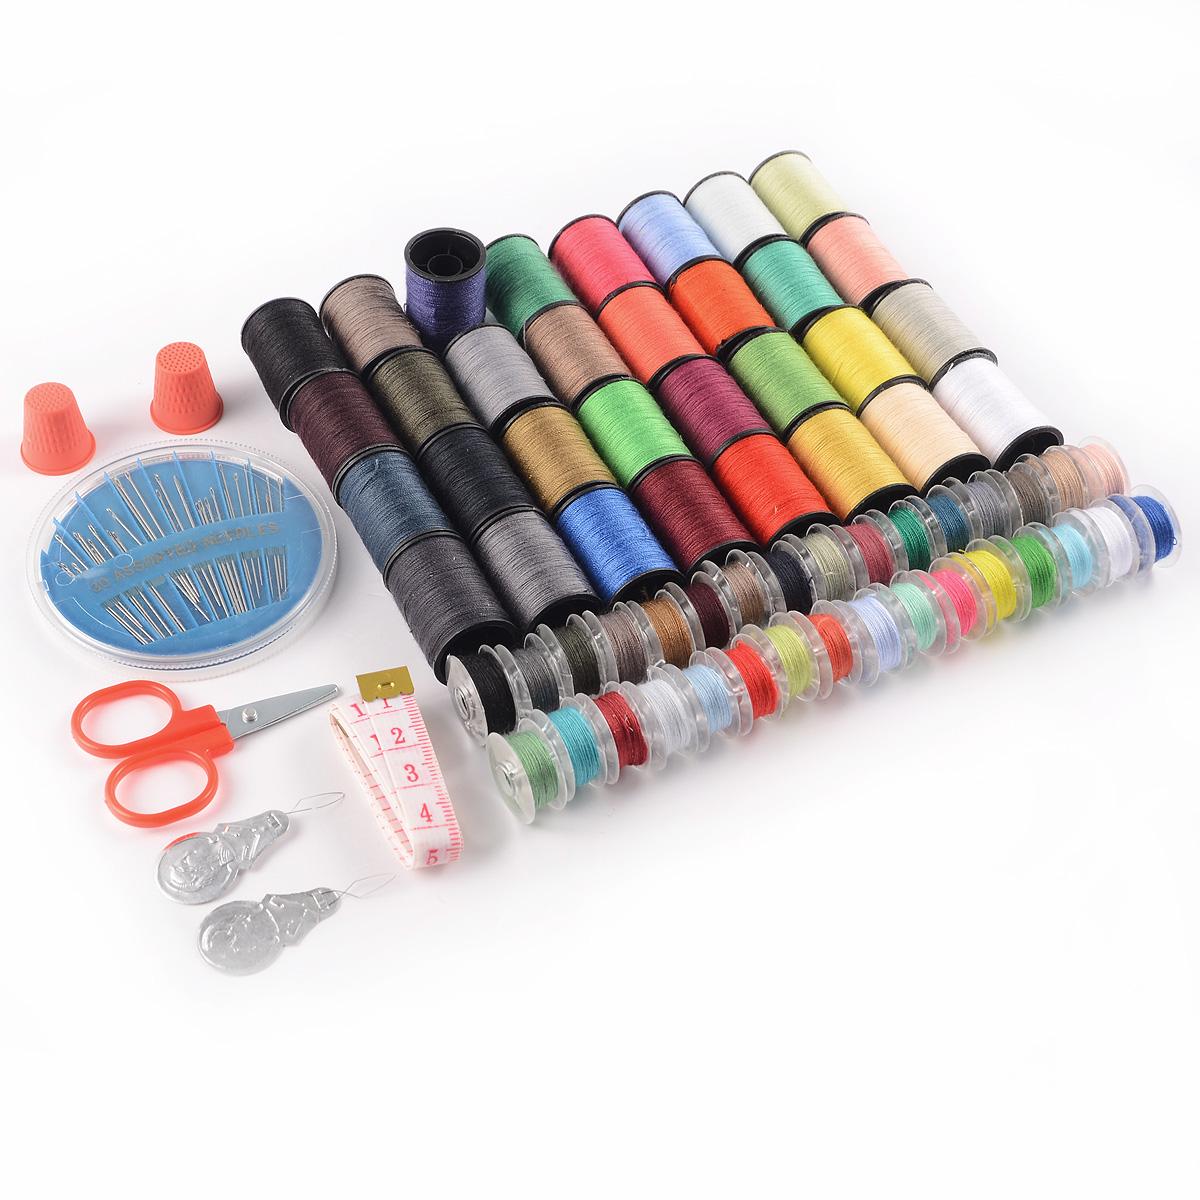 64 hilos de colores 6 piezas set de costura tijeras estuche de agujas ebay - Set de costura ...